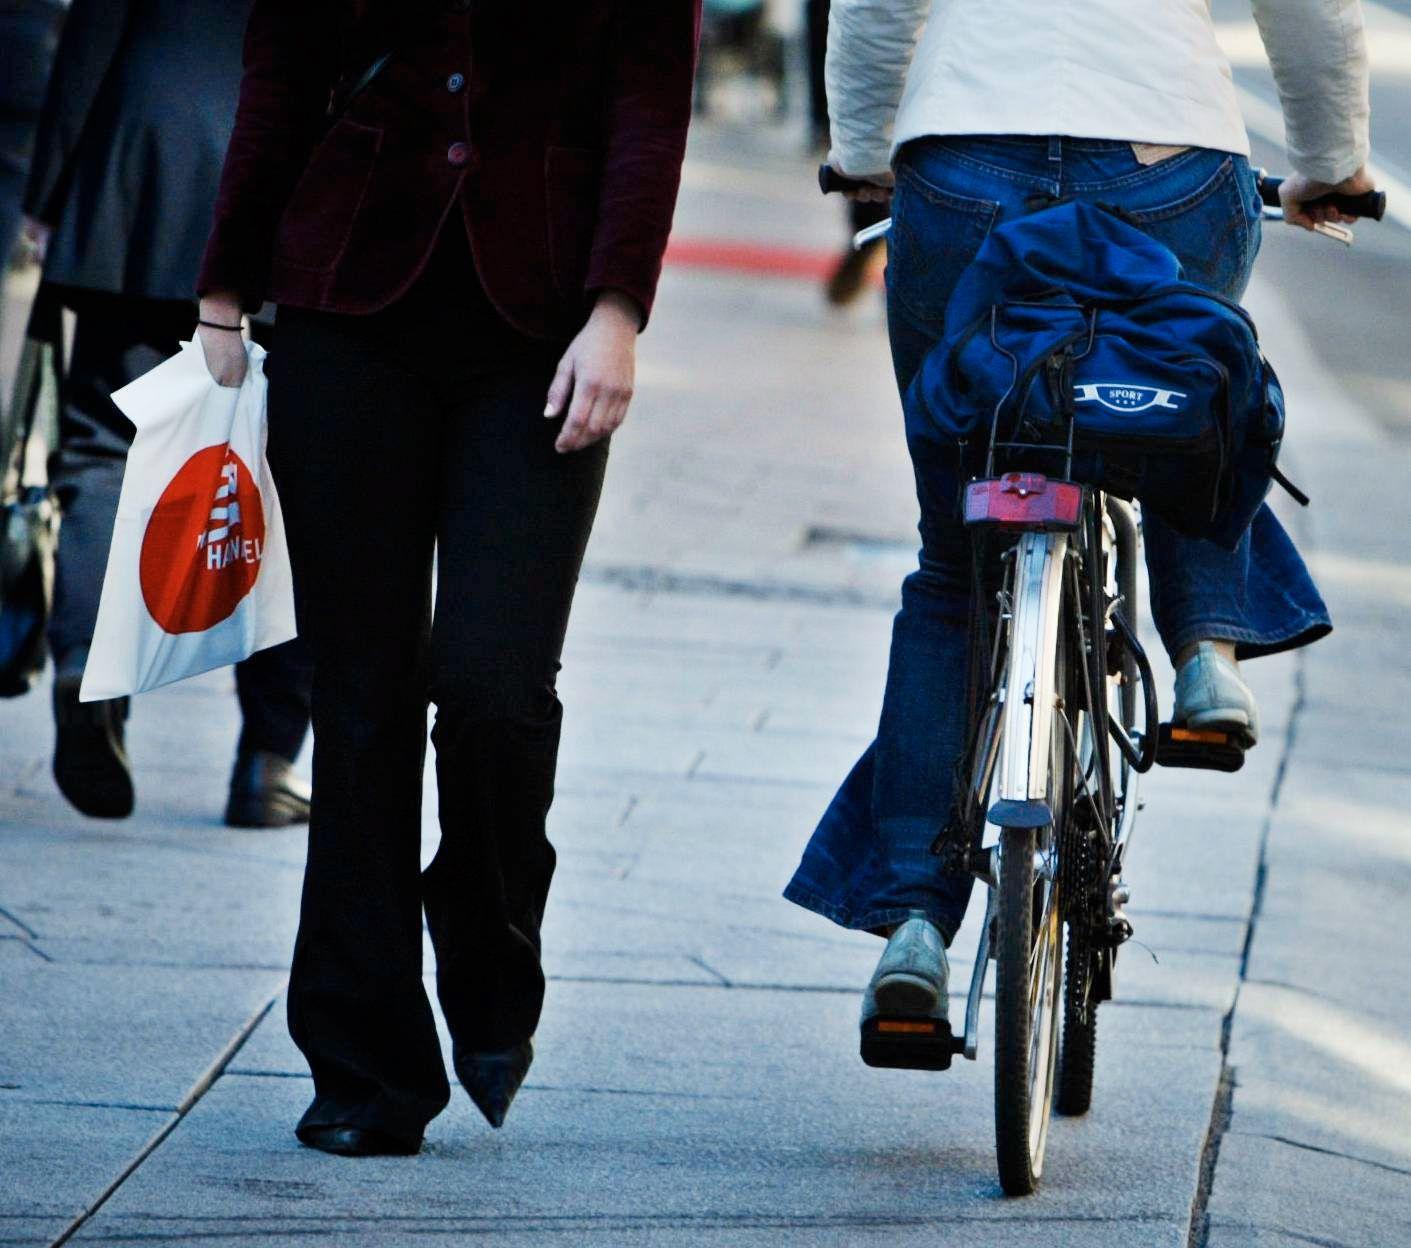 UNDER RADAREN: Skal vi forstå sykkelkultur, må vi snakke med folk, ikke bare se til statistikk. Frykt og motivasjon for sykling går under radaren til veimyndighetene, skriver Chris Møller.